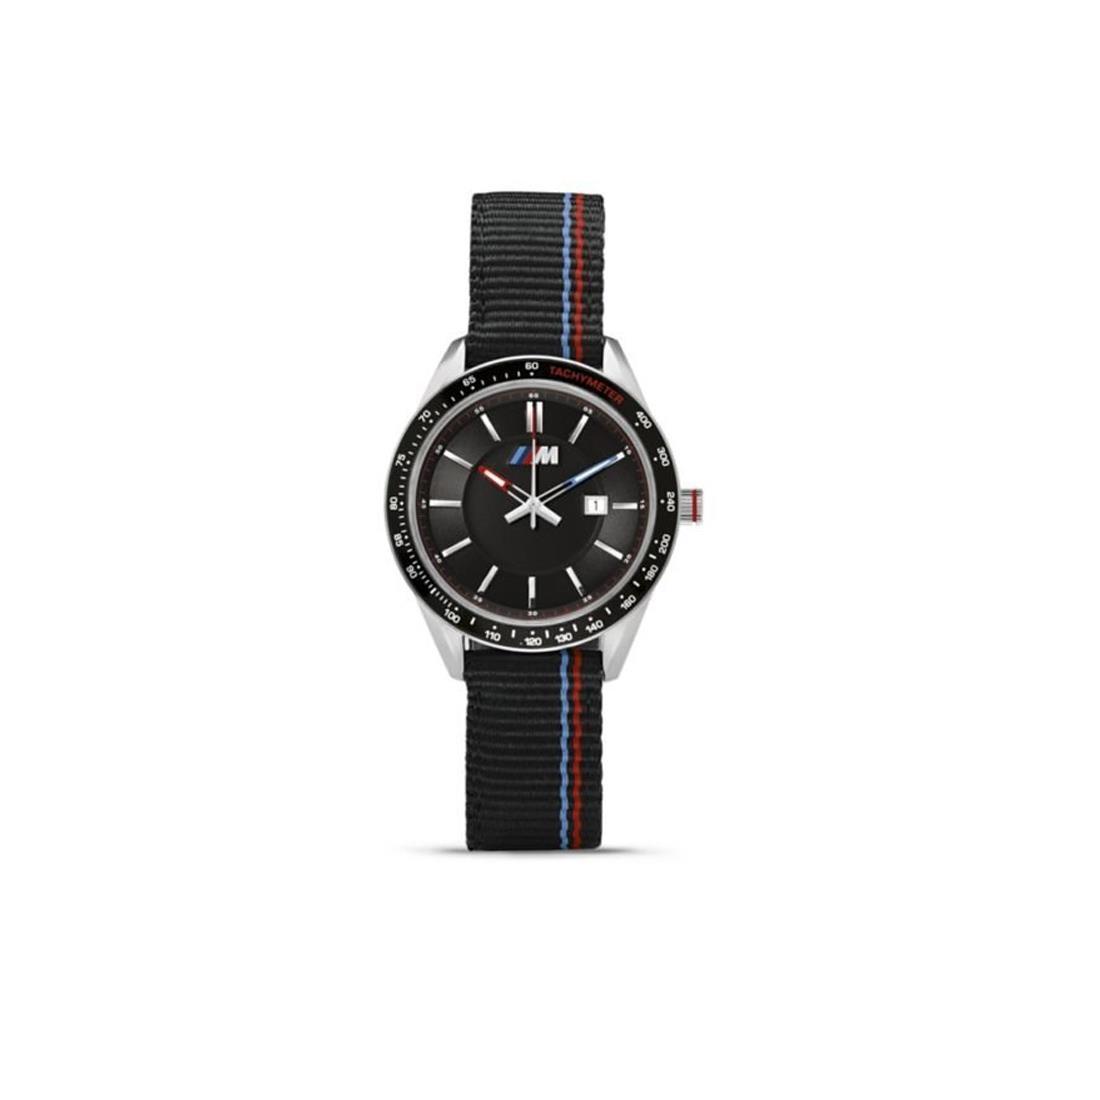 BMW Men's M Watch